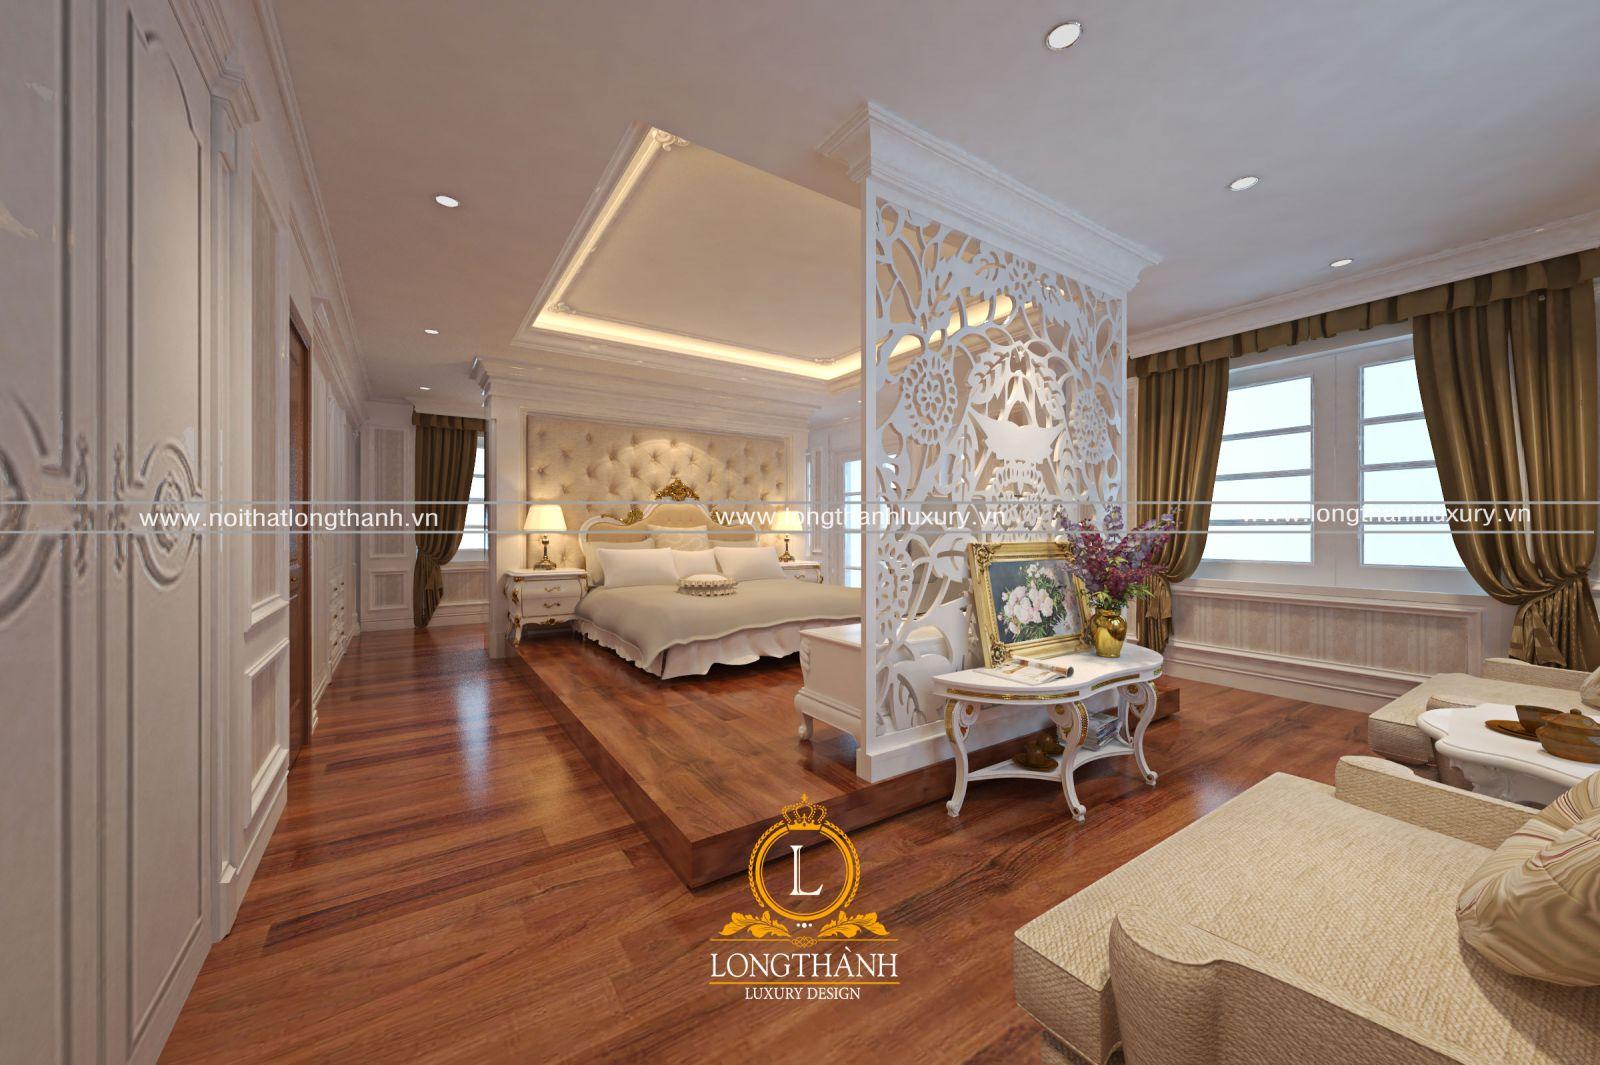 Vách ngăn sơn trắng cho phòng khách và phòng ngủ